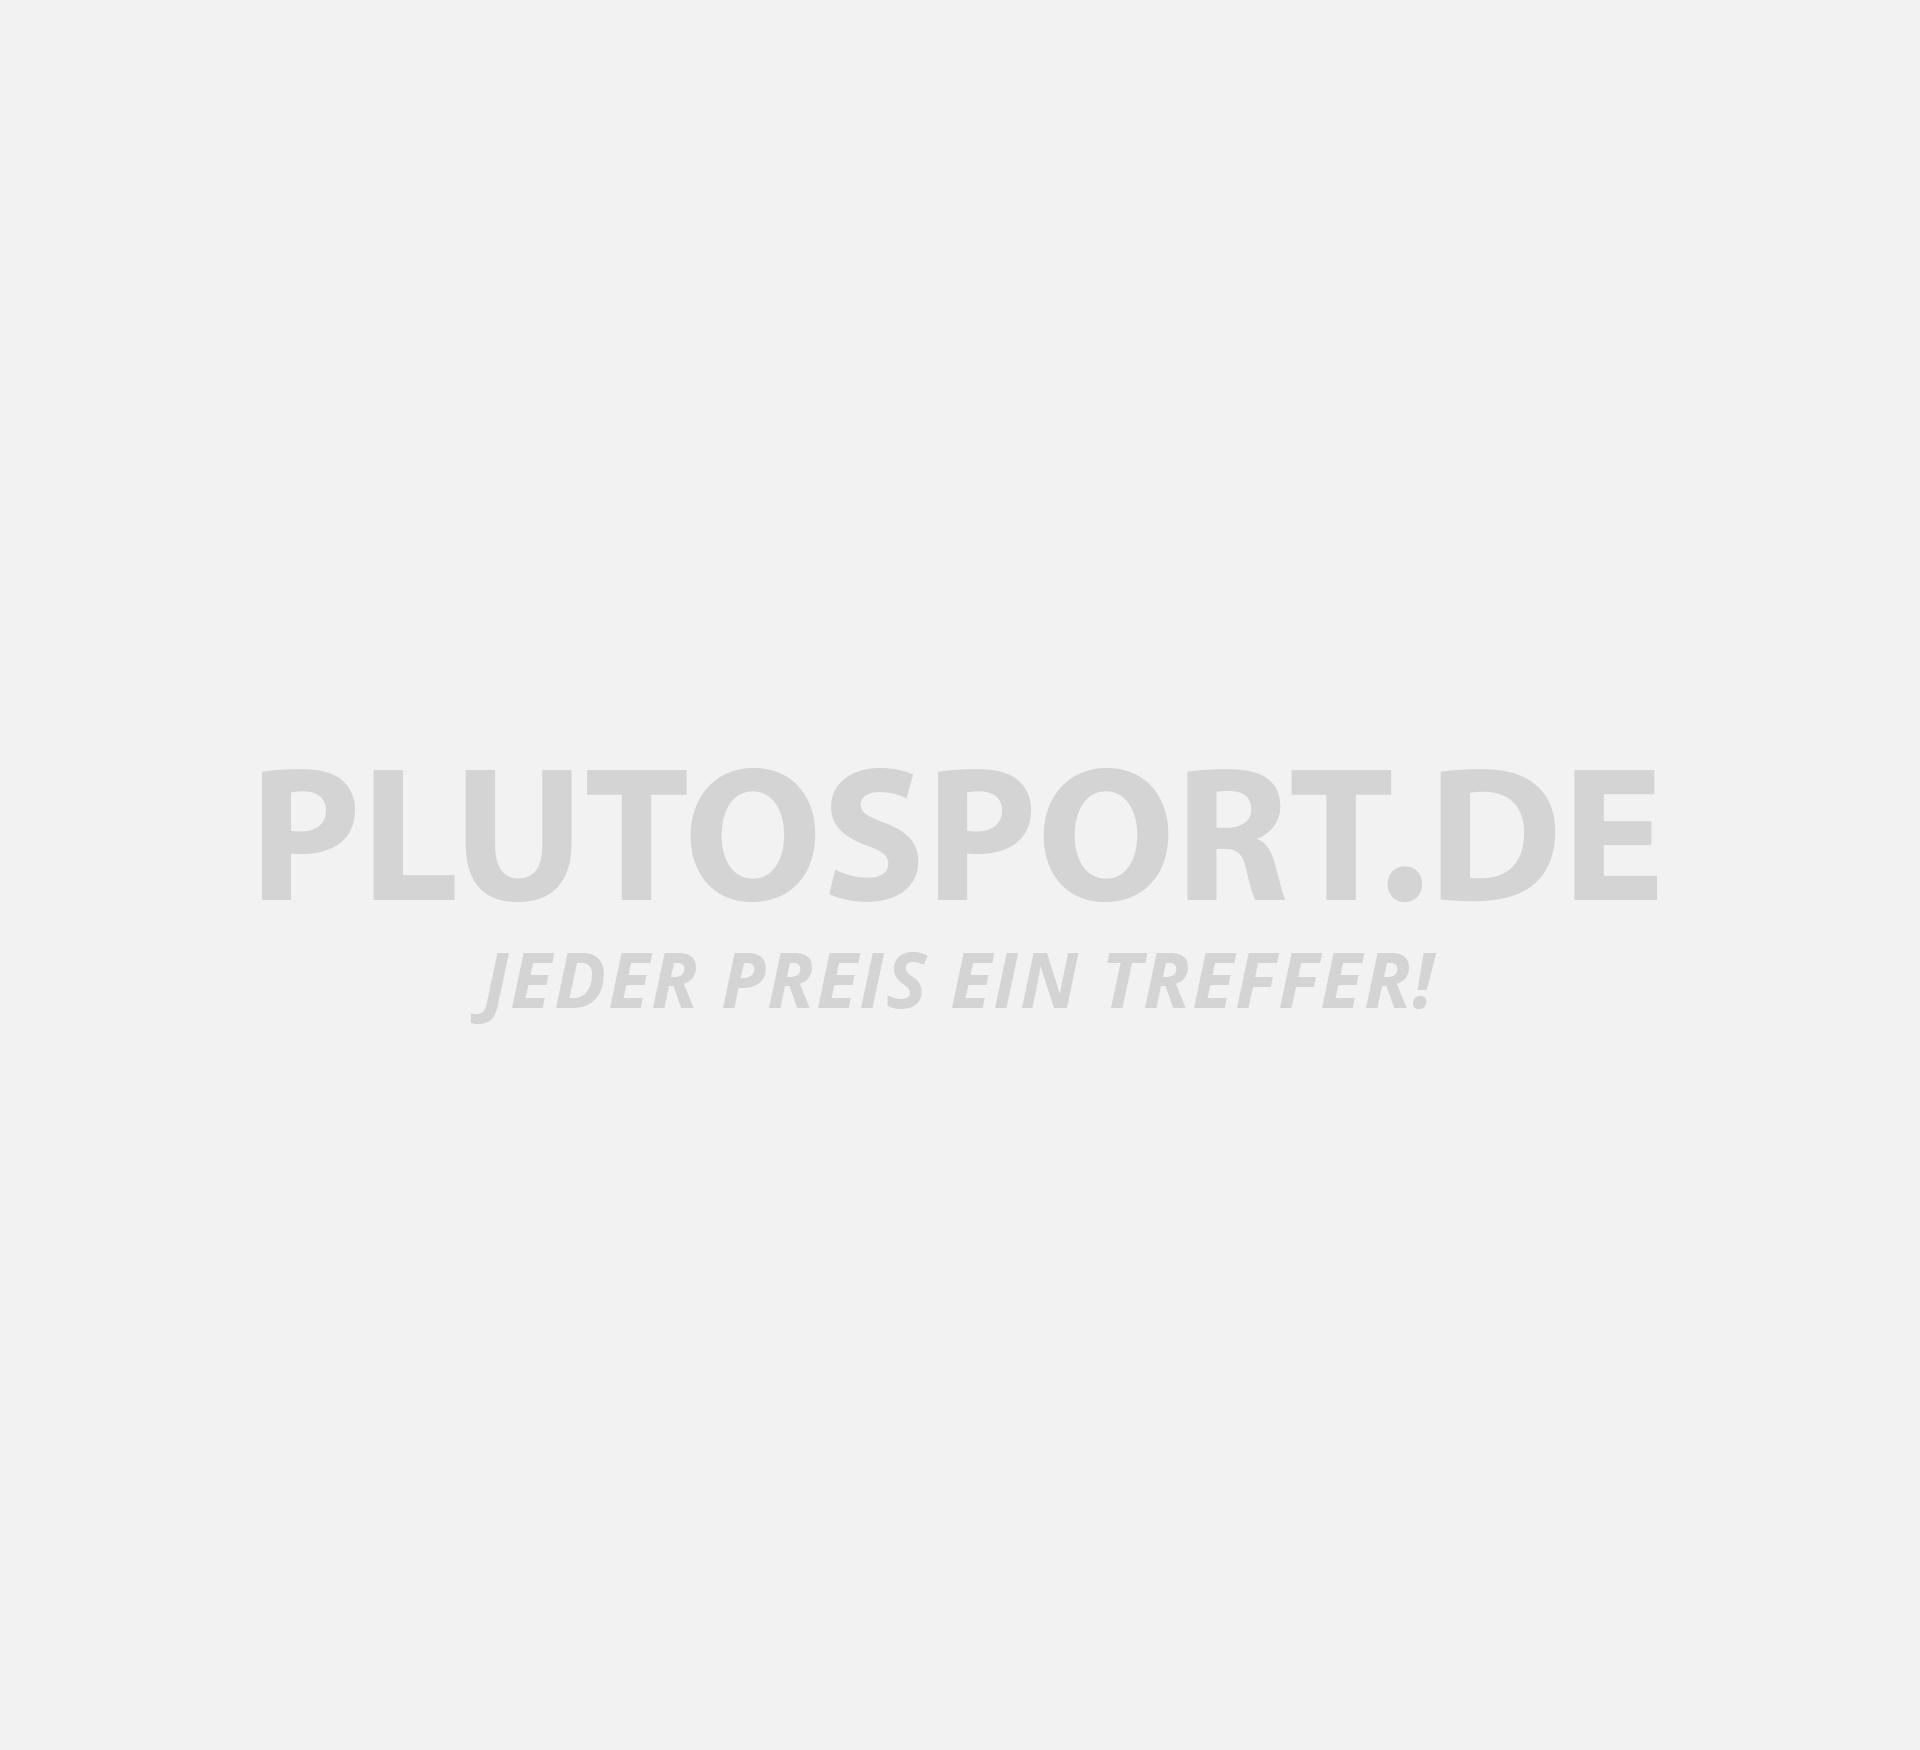 Reusch Attrakt SG Torwarthandschuhe Kinder